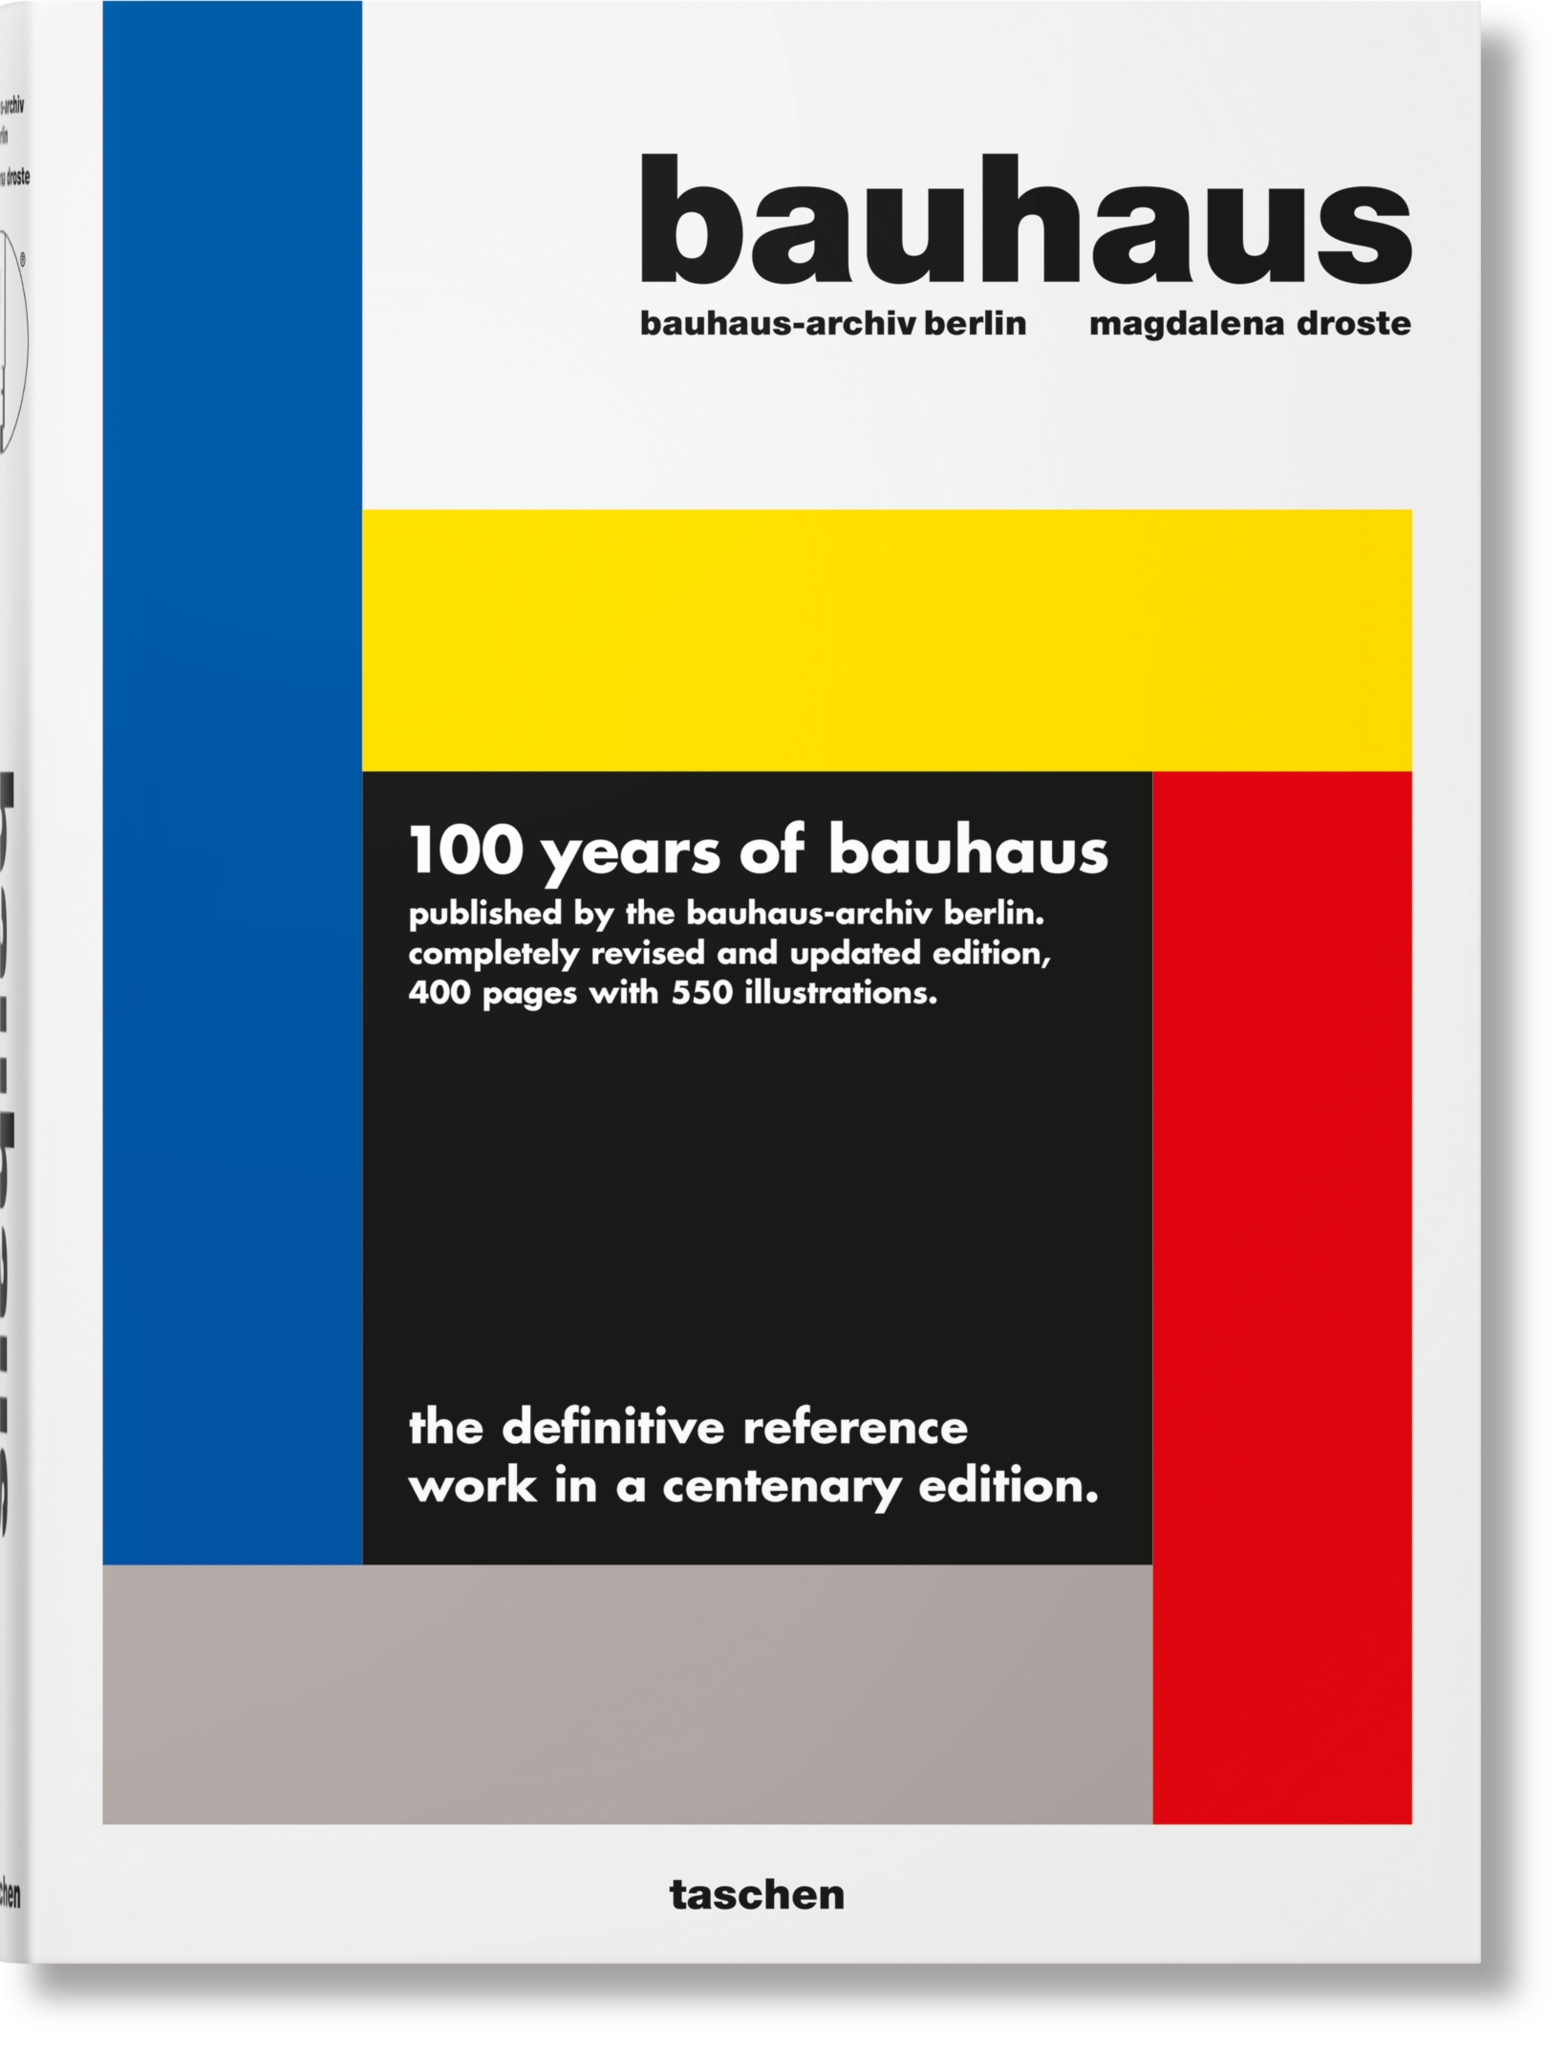 Bauhaus taschen 01